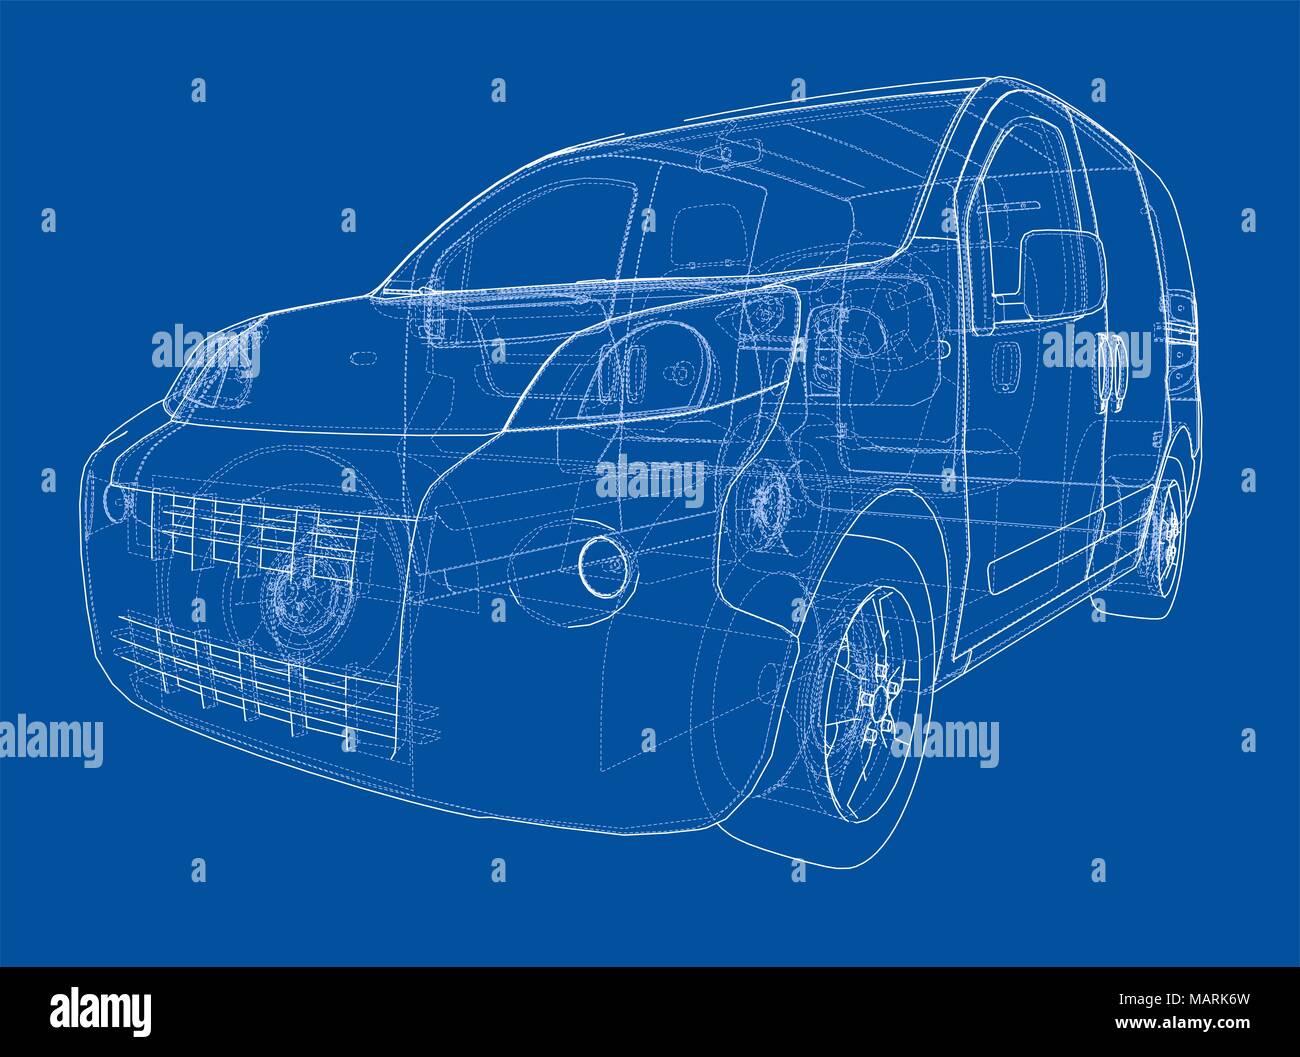 Fantastisch Fahrzeug Blaupause Galerie - Schaltplan Serie Circuit ...